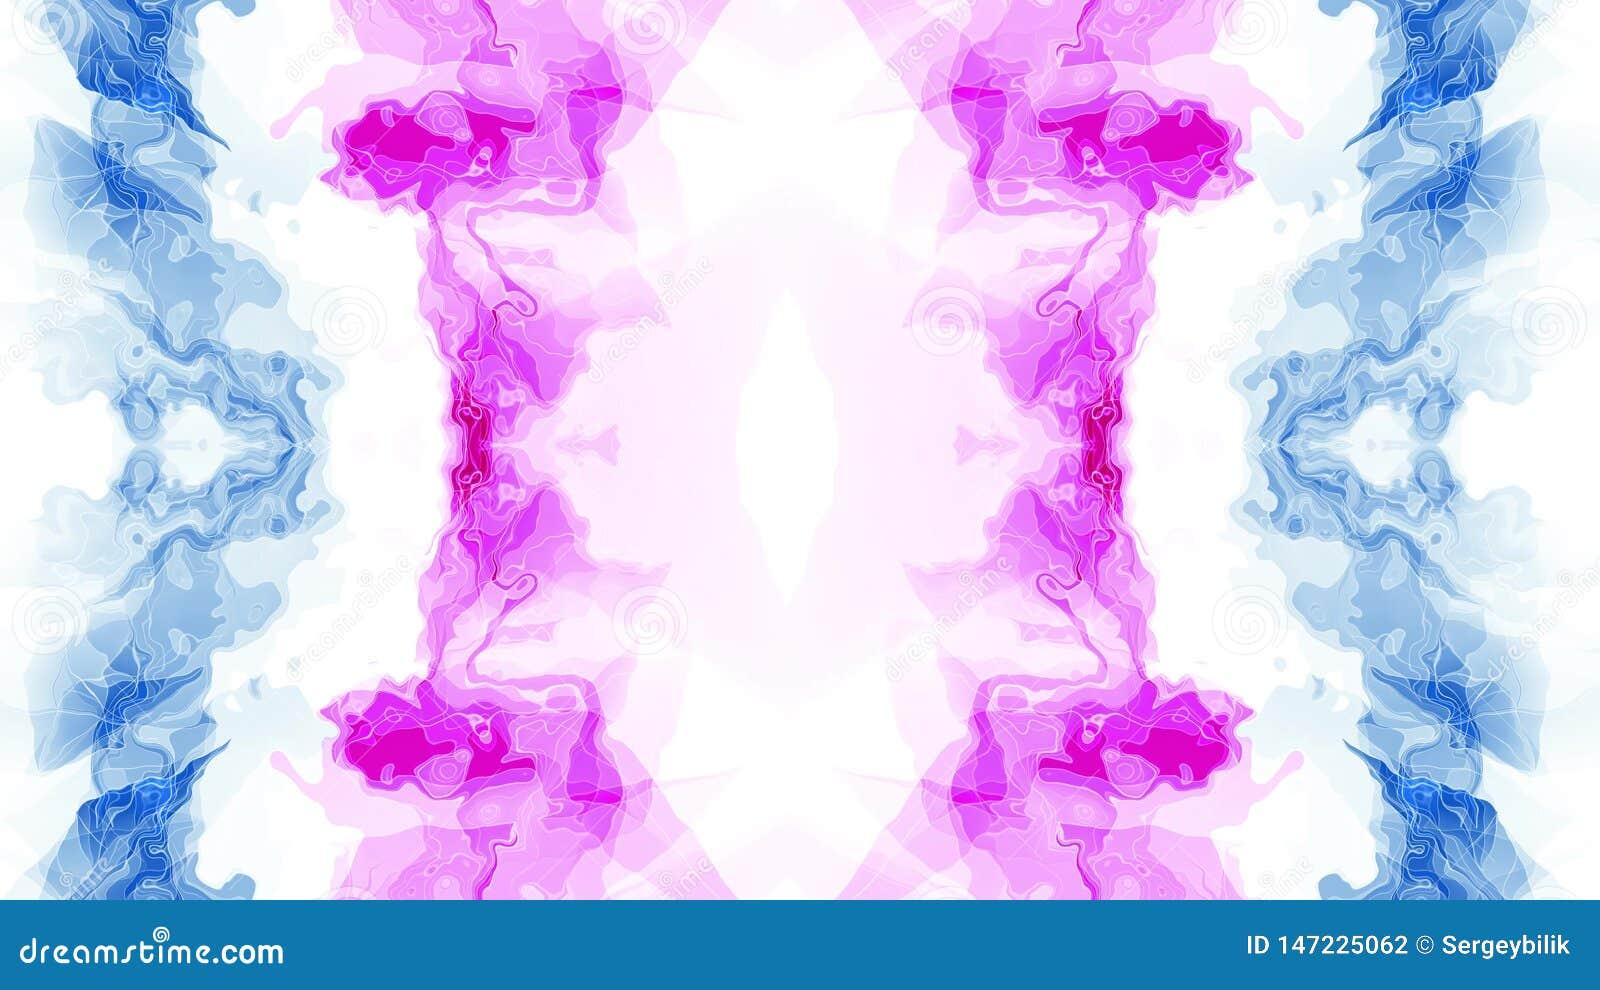 Cyfrowej farby chmury falowania t?a ilo?ci niespokojnej energetycznej neonowej mi?kkiej kalejdoskopowej nowej unikalnej sztuki el